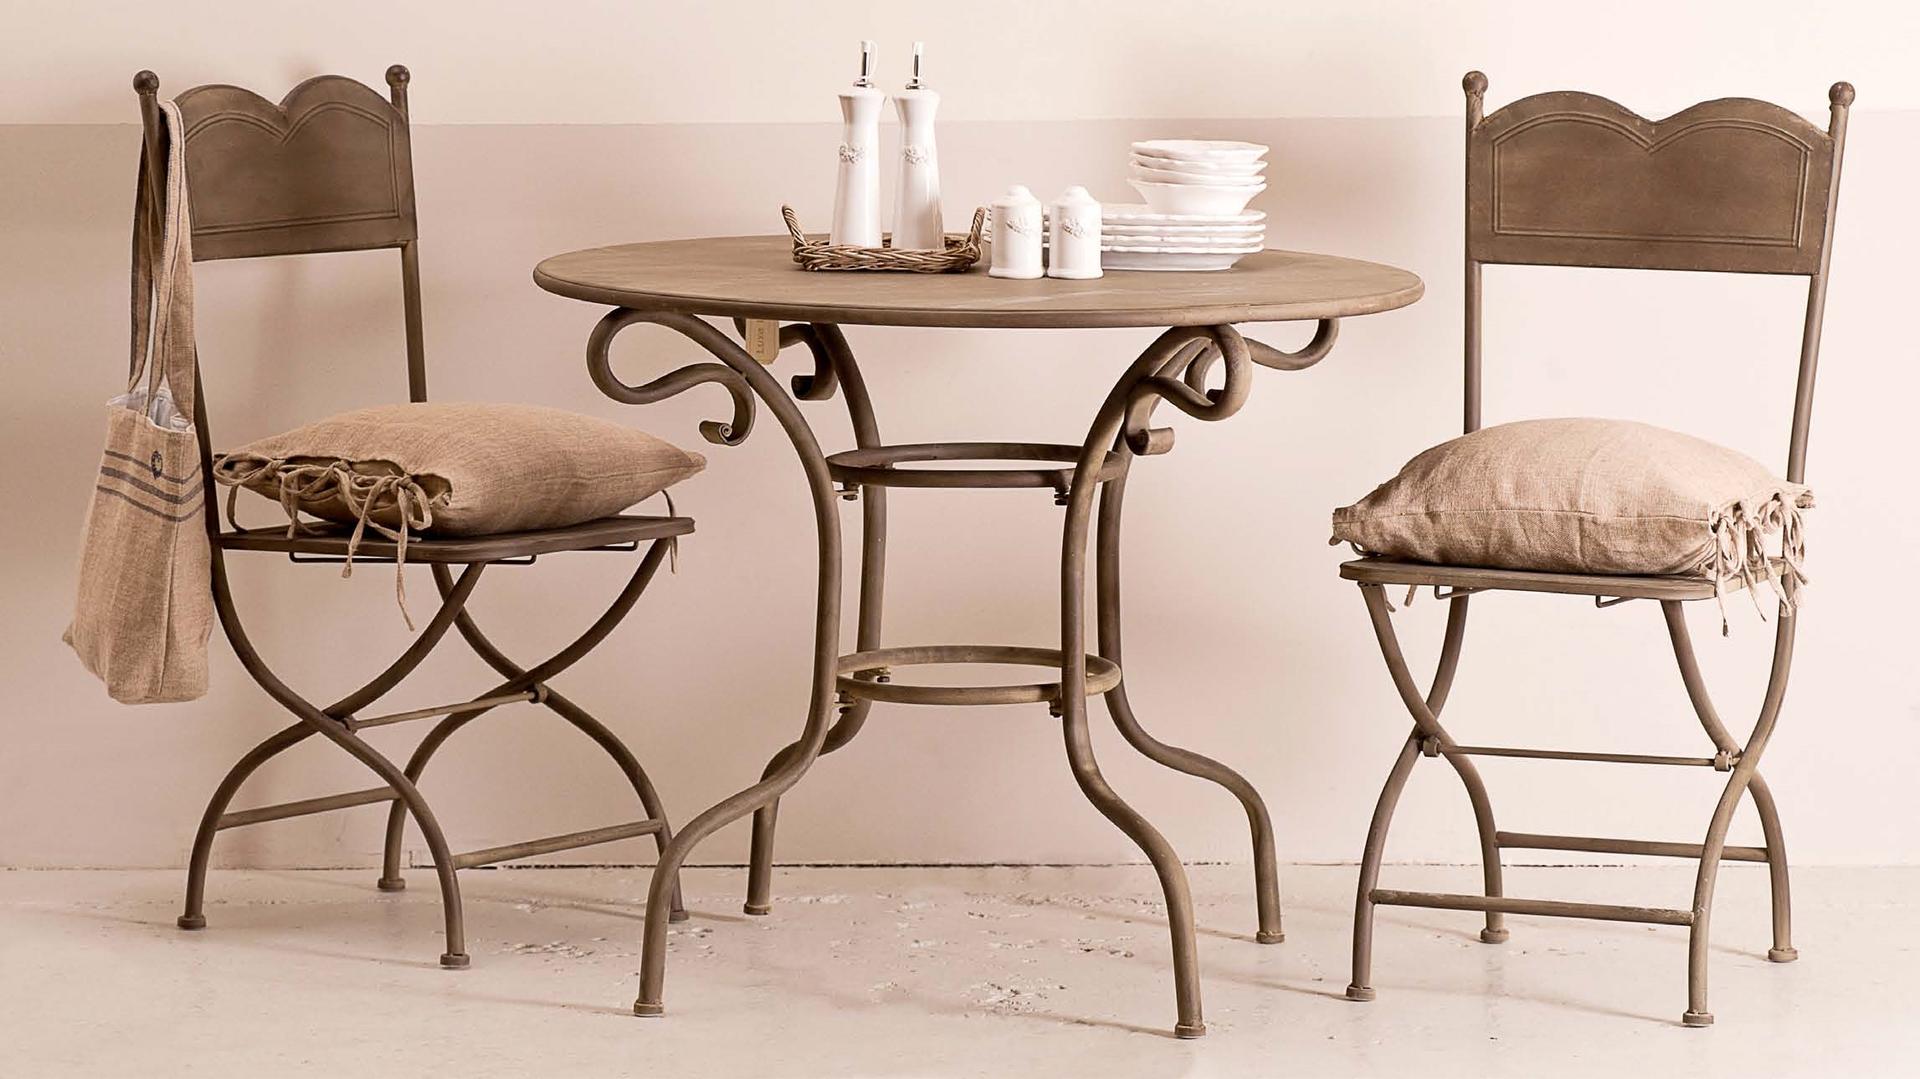 Tavolo provenzale rotondo bianco mobili giardino provenzale - Tavolo giardino ...